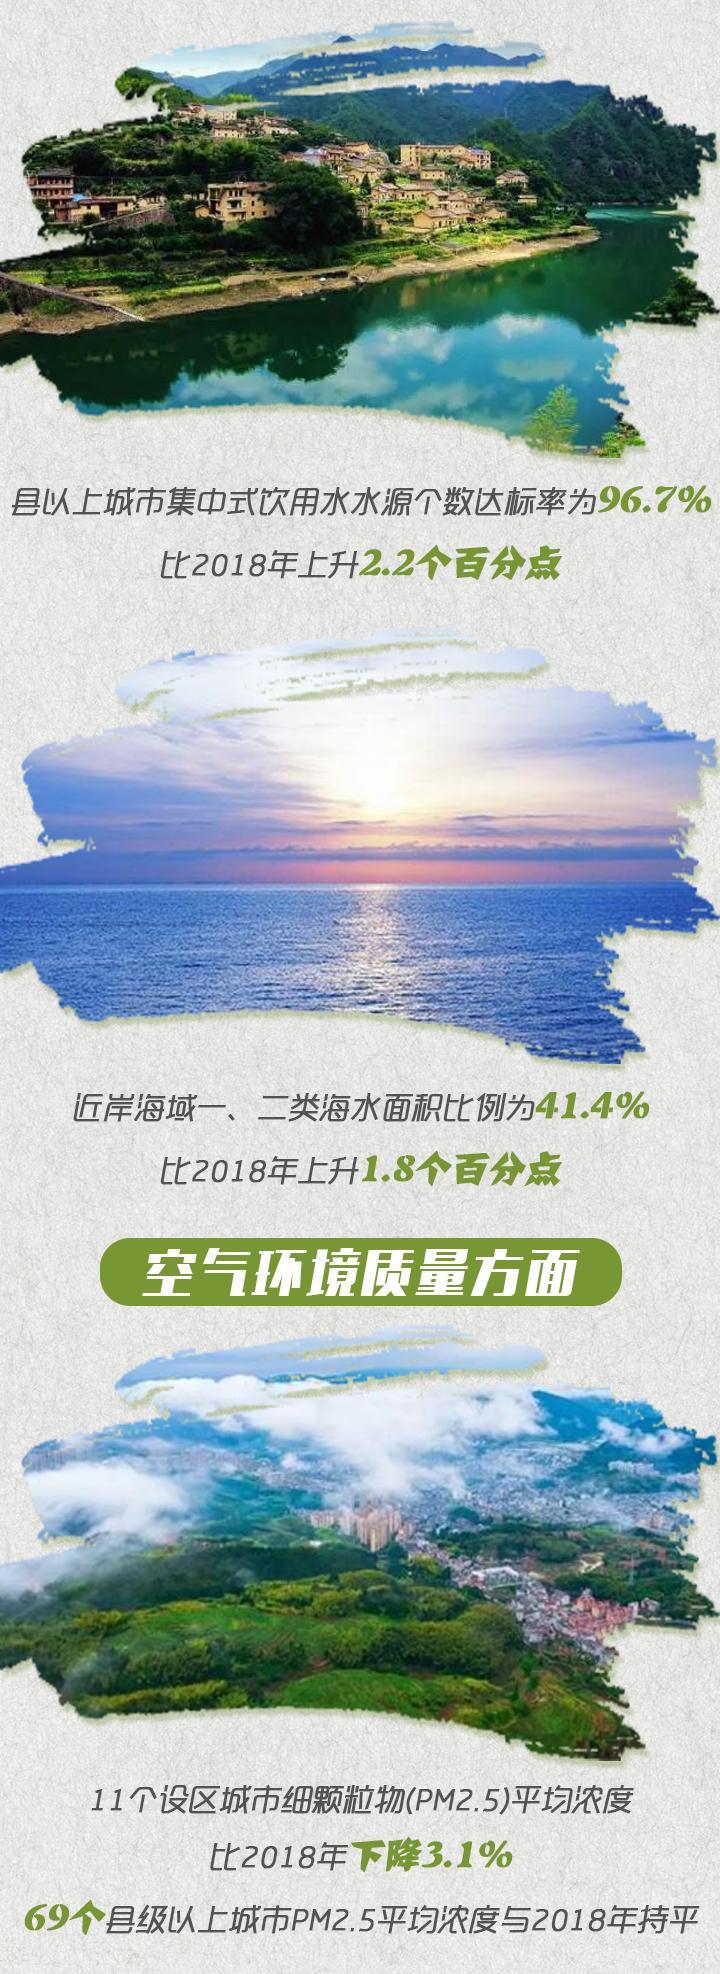 环境公报_02.jpg